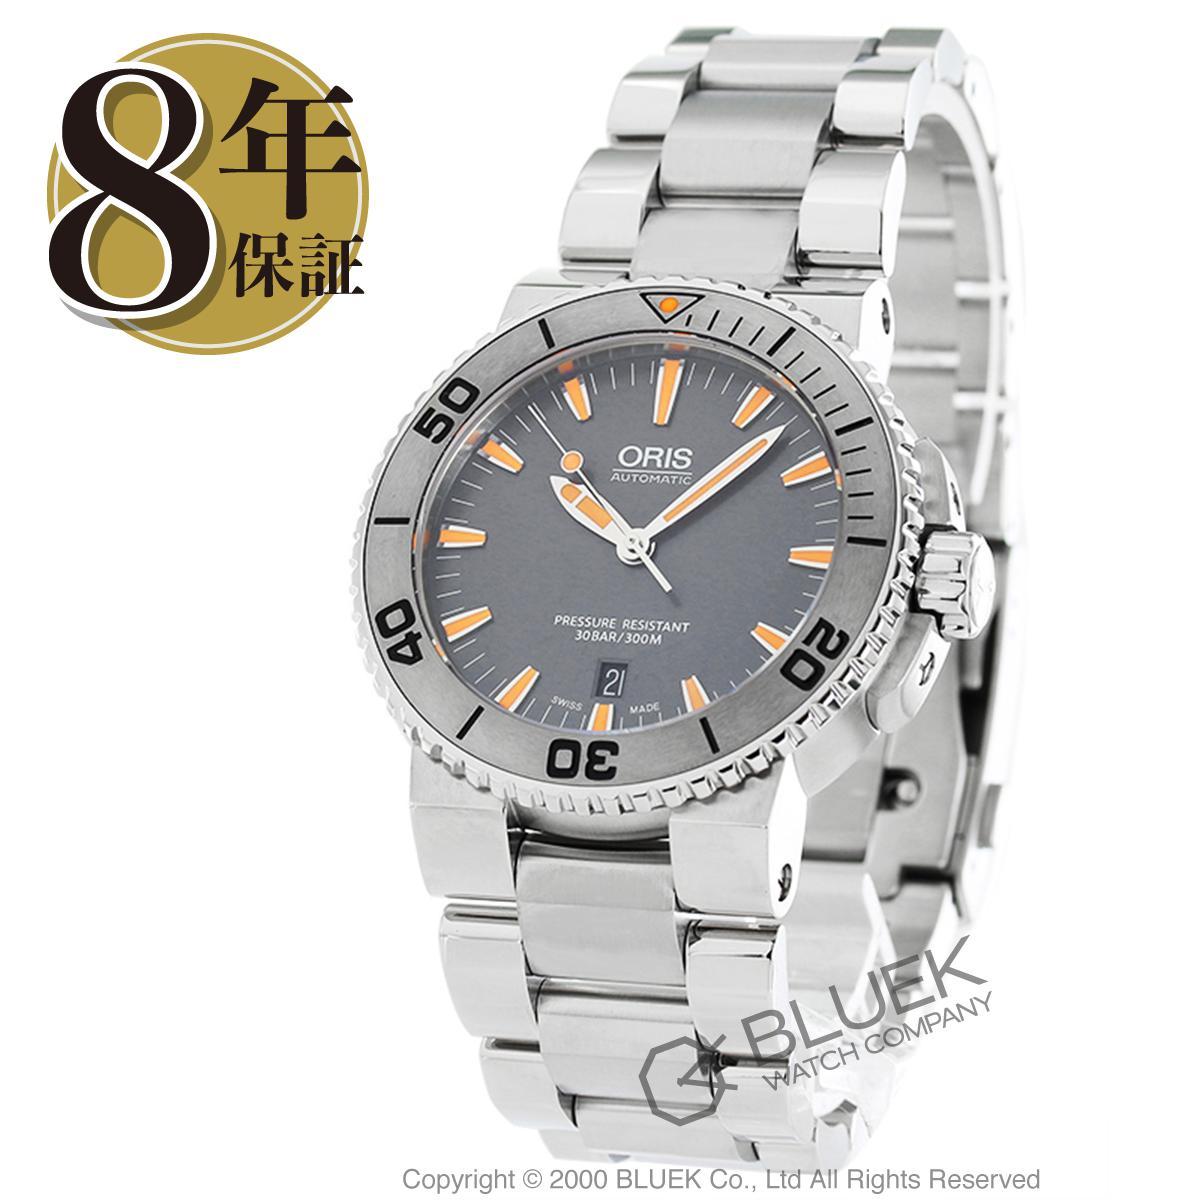 メンズ 743 7664 スモールセコンド オリス アクイス ORIS デイト 500m防水 腕時計 7253R_8